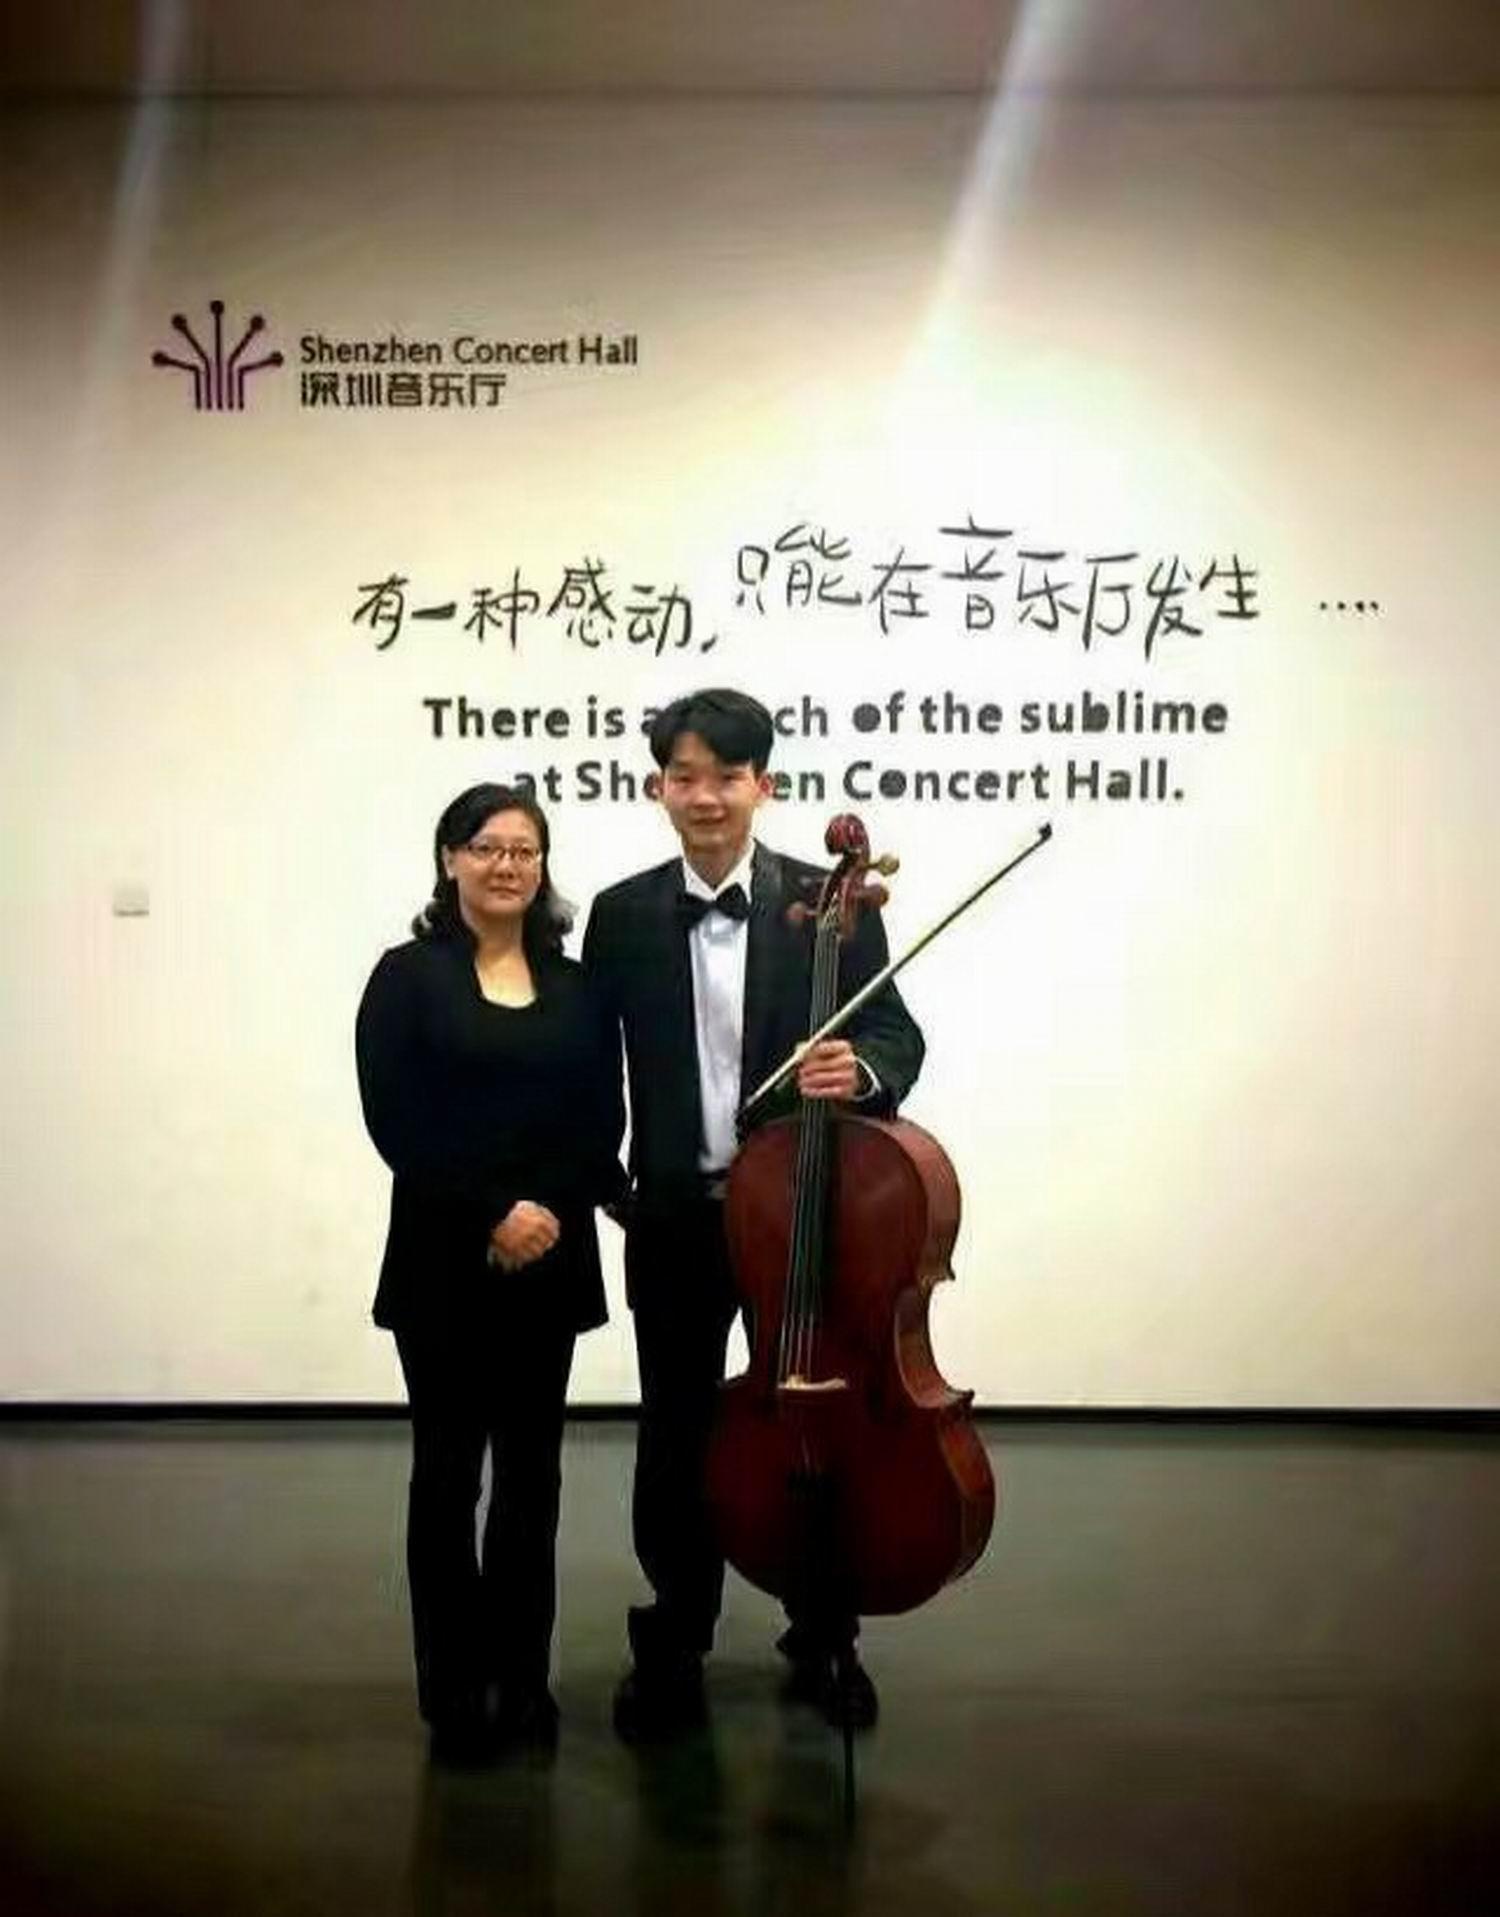 肖老师与学生罗燏在深圳音乐厅演出间隙留影